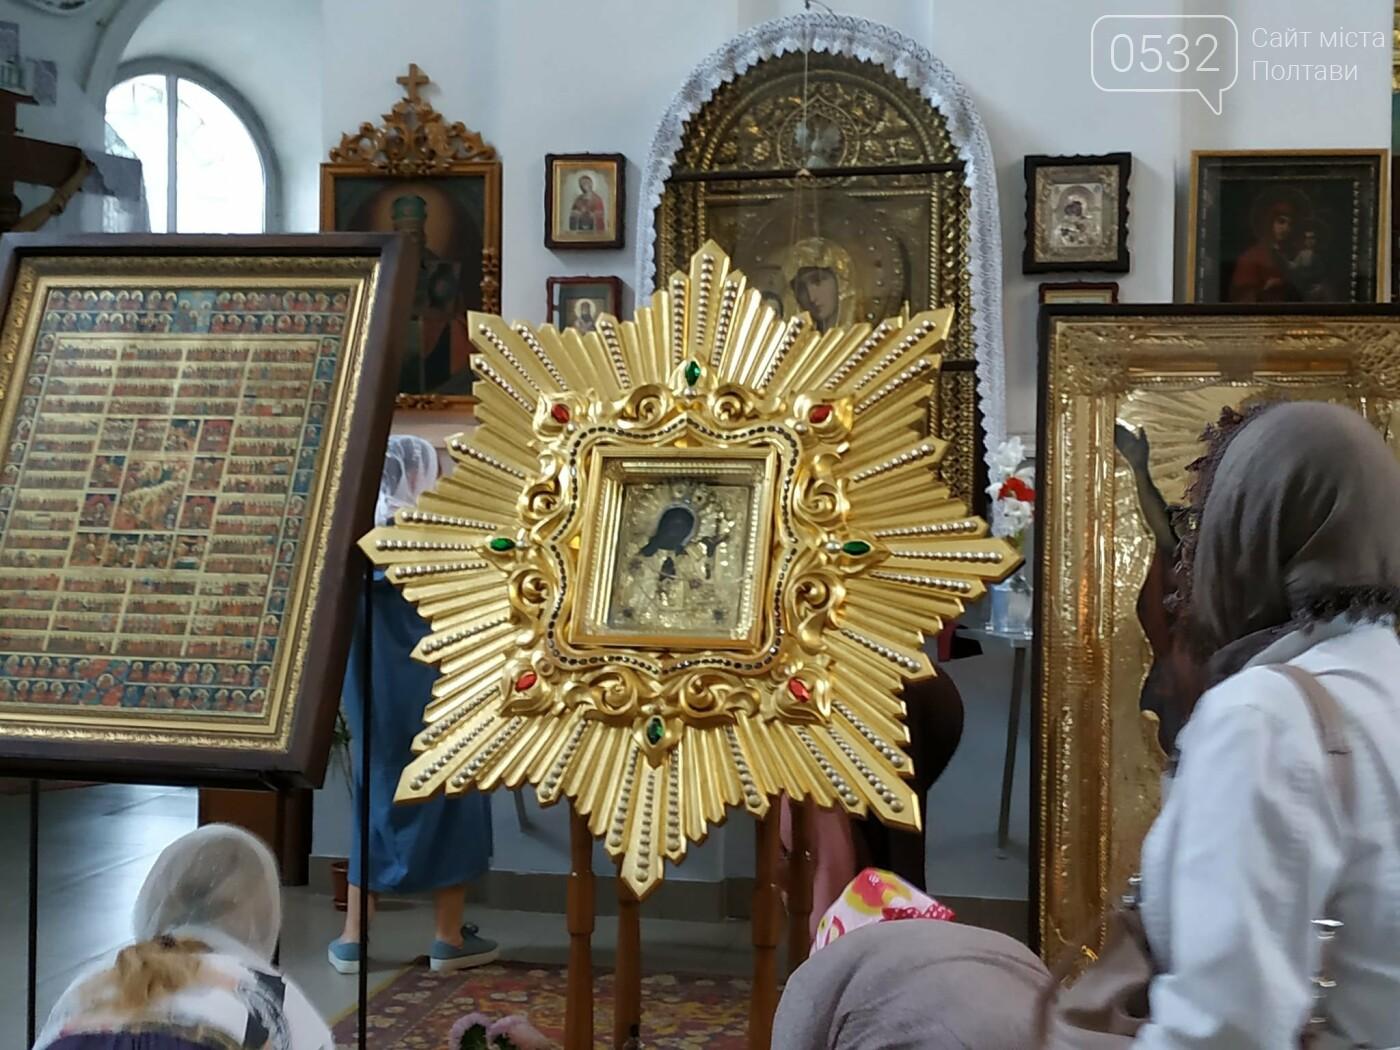 Подорож вихідного дня: вирушаємо до святинь на Сумщині, фото-2